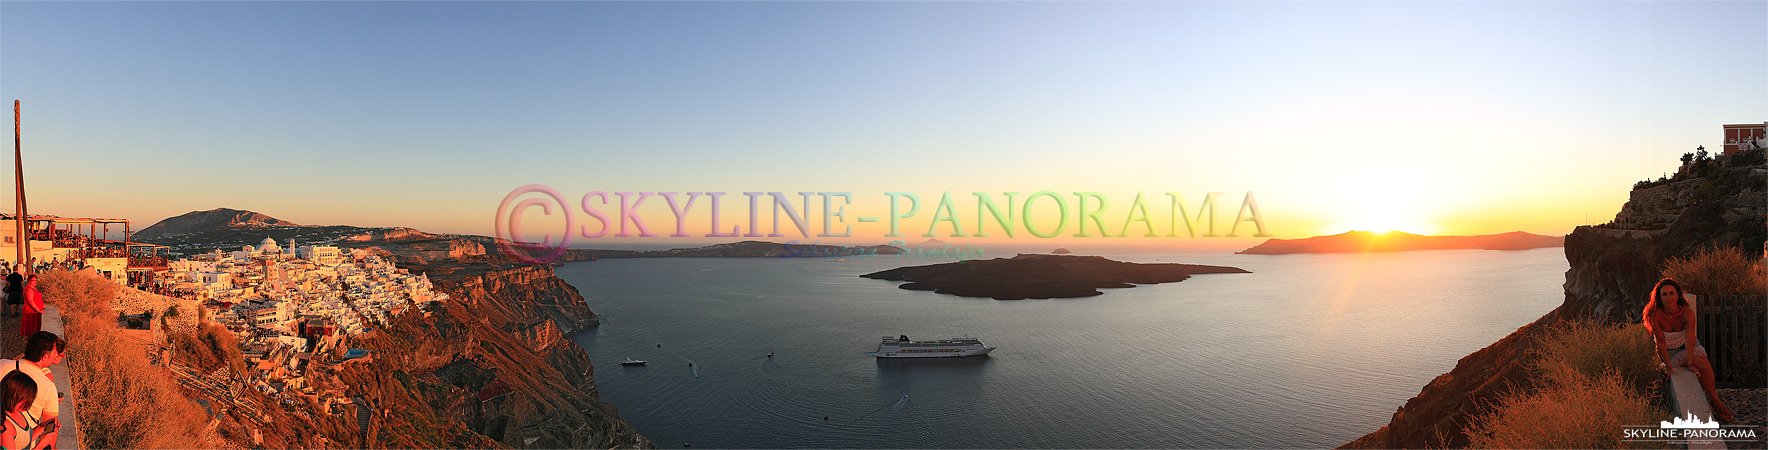 Das Panorama entstand oberhalb der Inselhauptstadt Fira, auf dem Weg in nach Imerovigli., von diesem Aussichtspunkt hat man einen schönen Blick in die Caldera